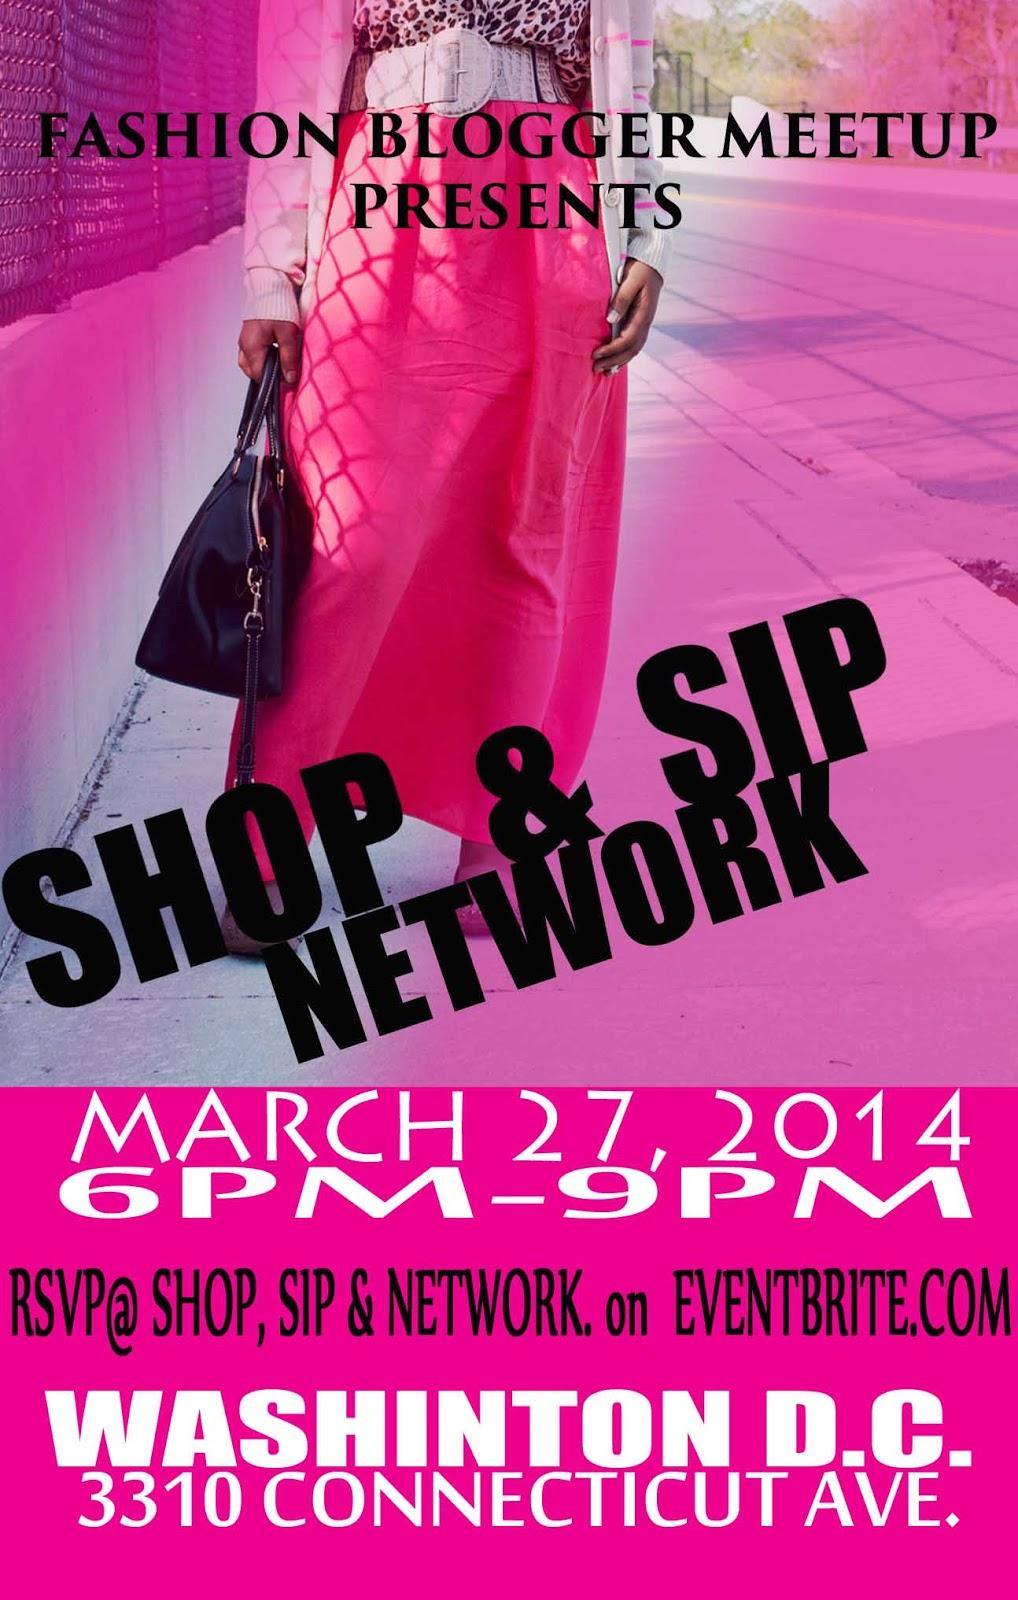 http://www.eventbrite.com/e/shop-sip-network-tickets-10712153339